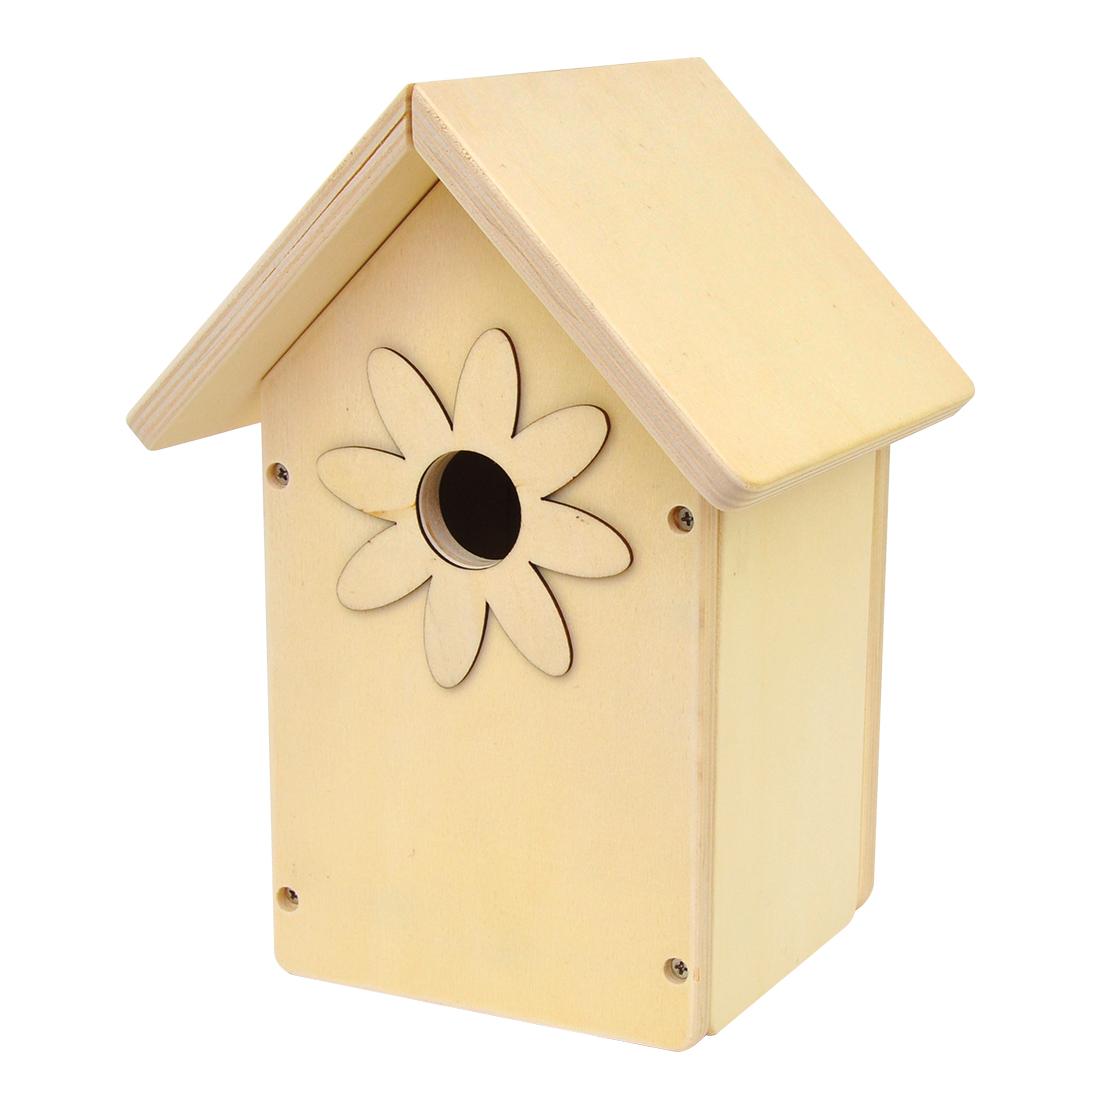 EDUPLAY 210-164 Vogelhaus Blume aus Holz, natur (1 Stück) Büro & Bastelbedarf Malen & Zeichnen ...